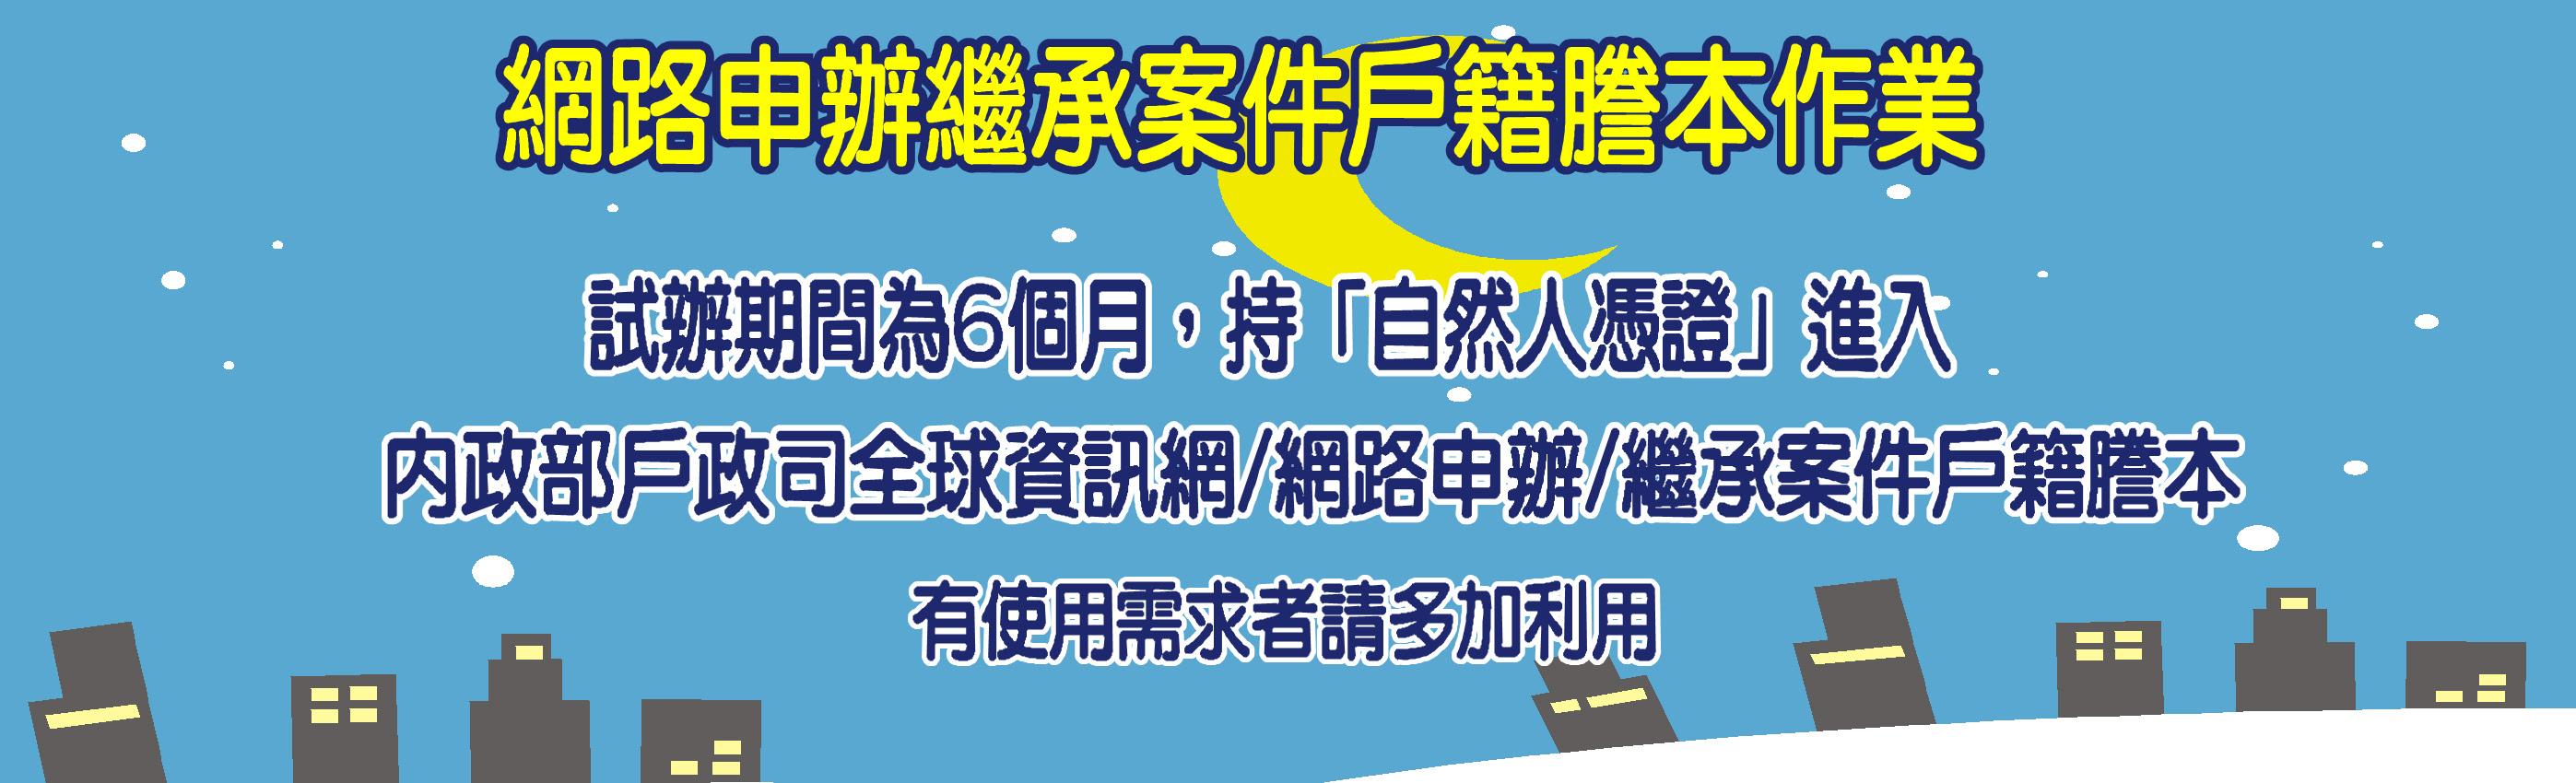 試辦網路申辦繼承案件戶籍謄本作業,定於106年7月3日上線,試辦6個月